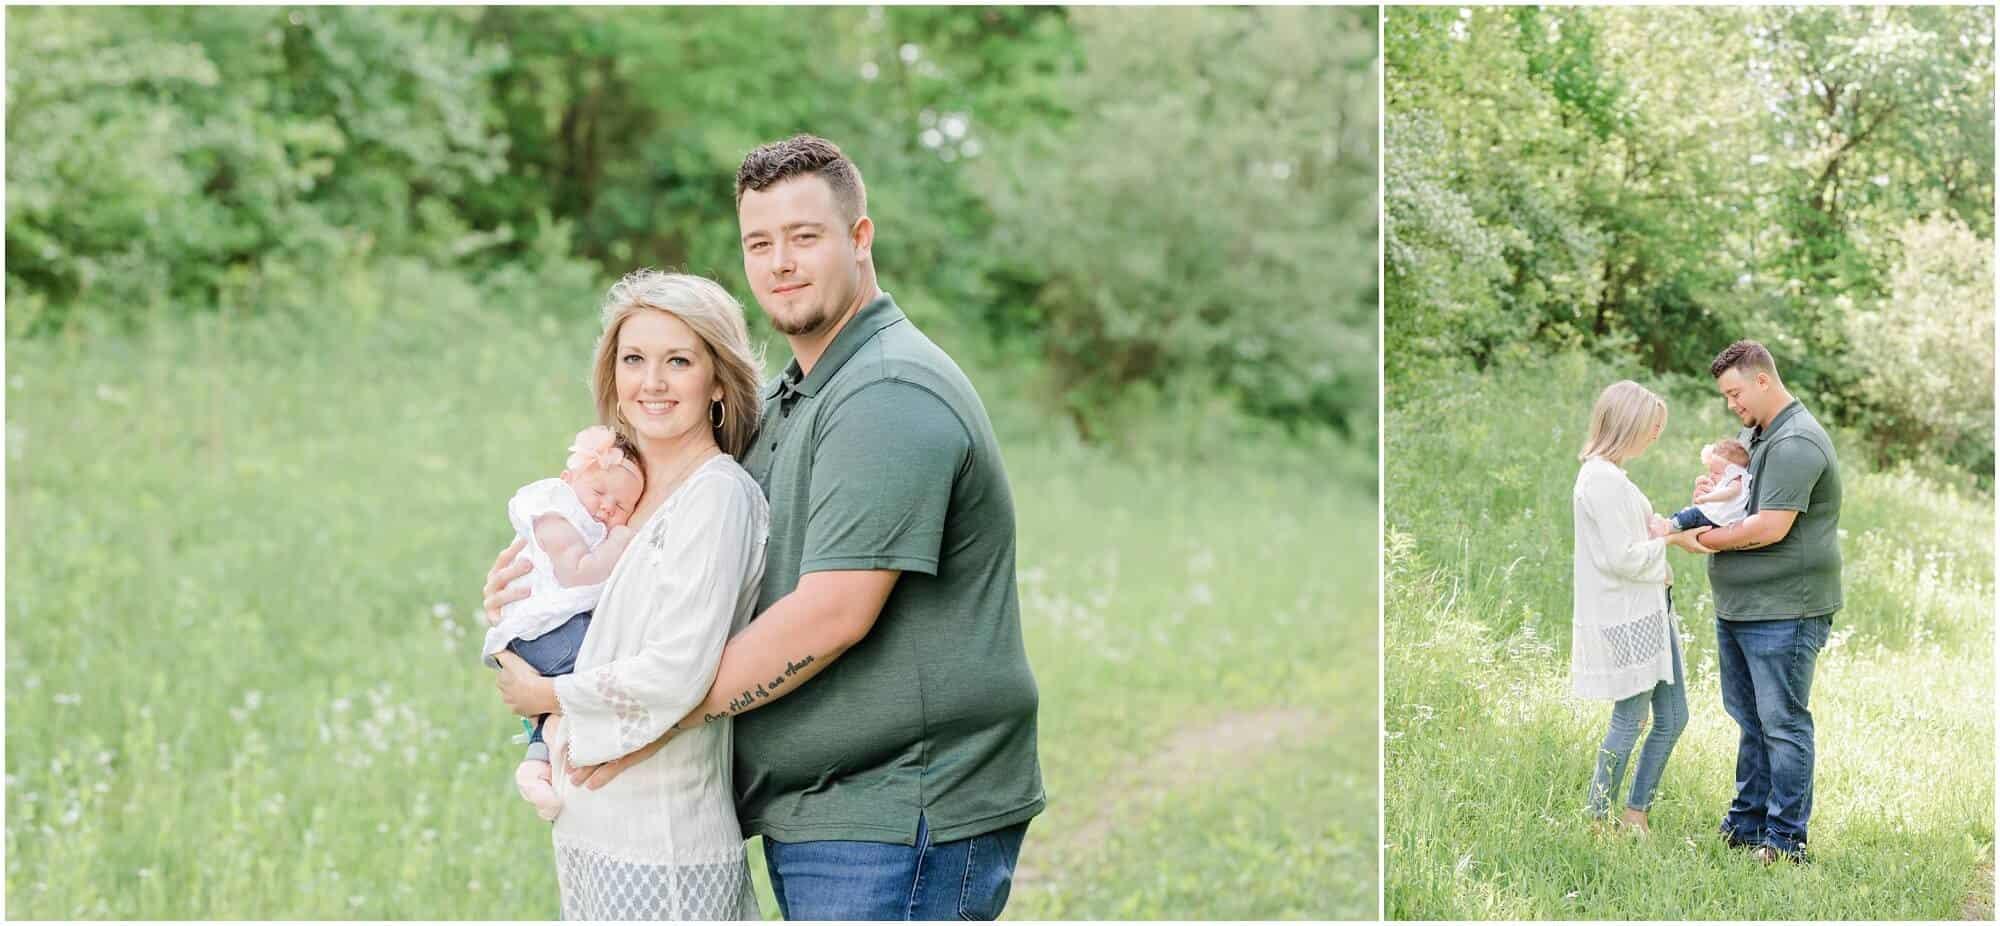 ashland mansfield ohio family photographer tiffany murray